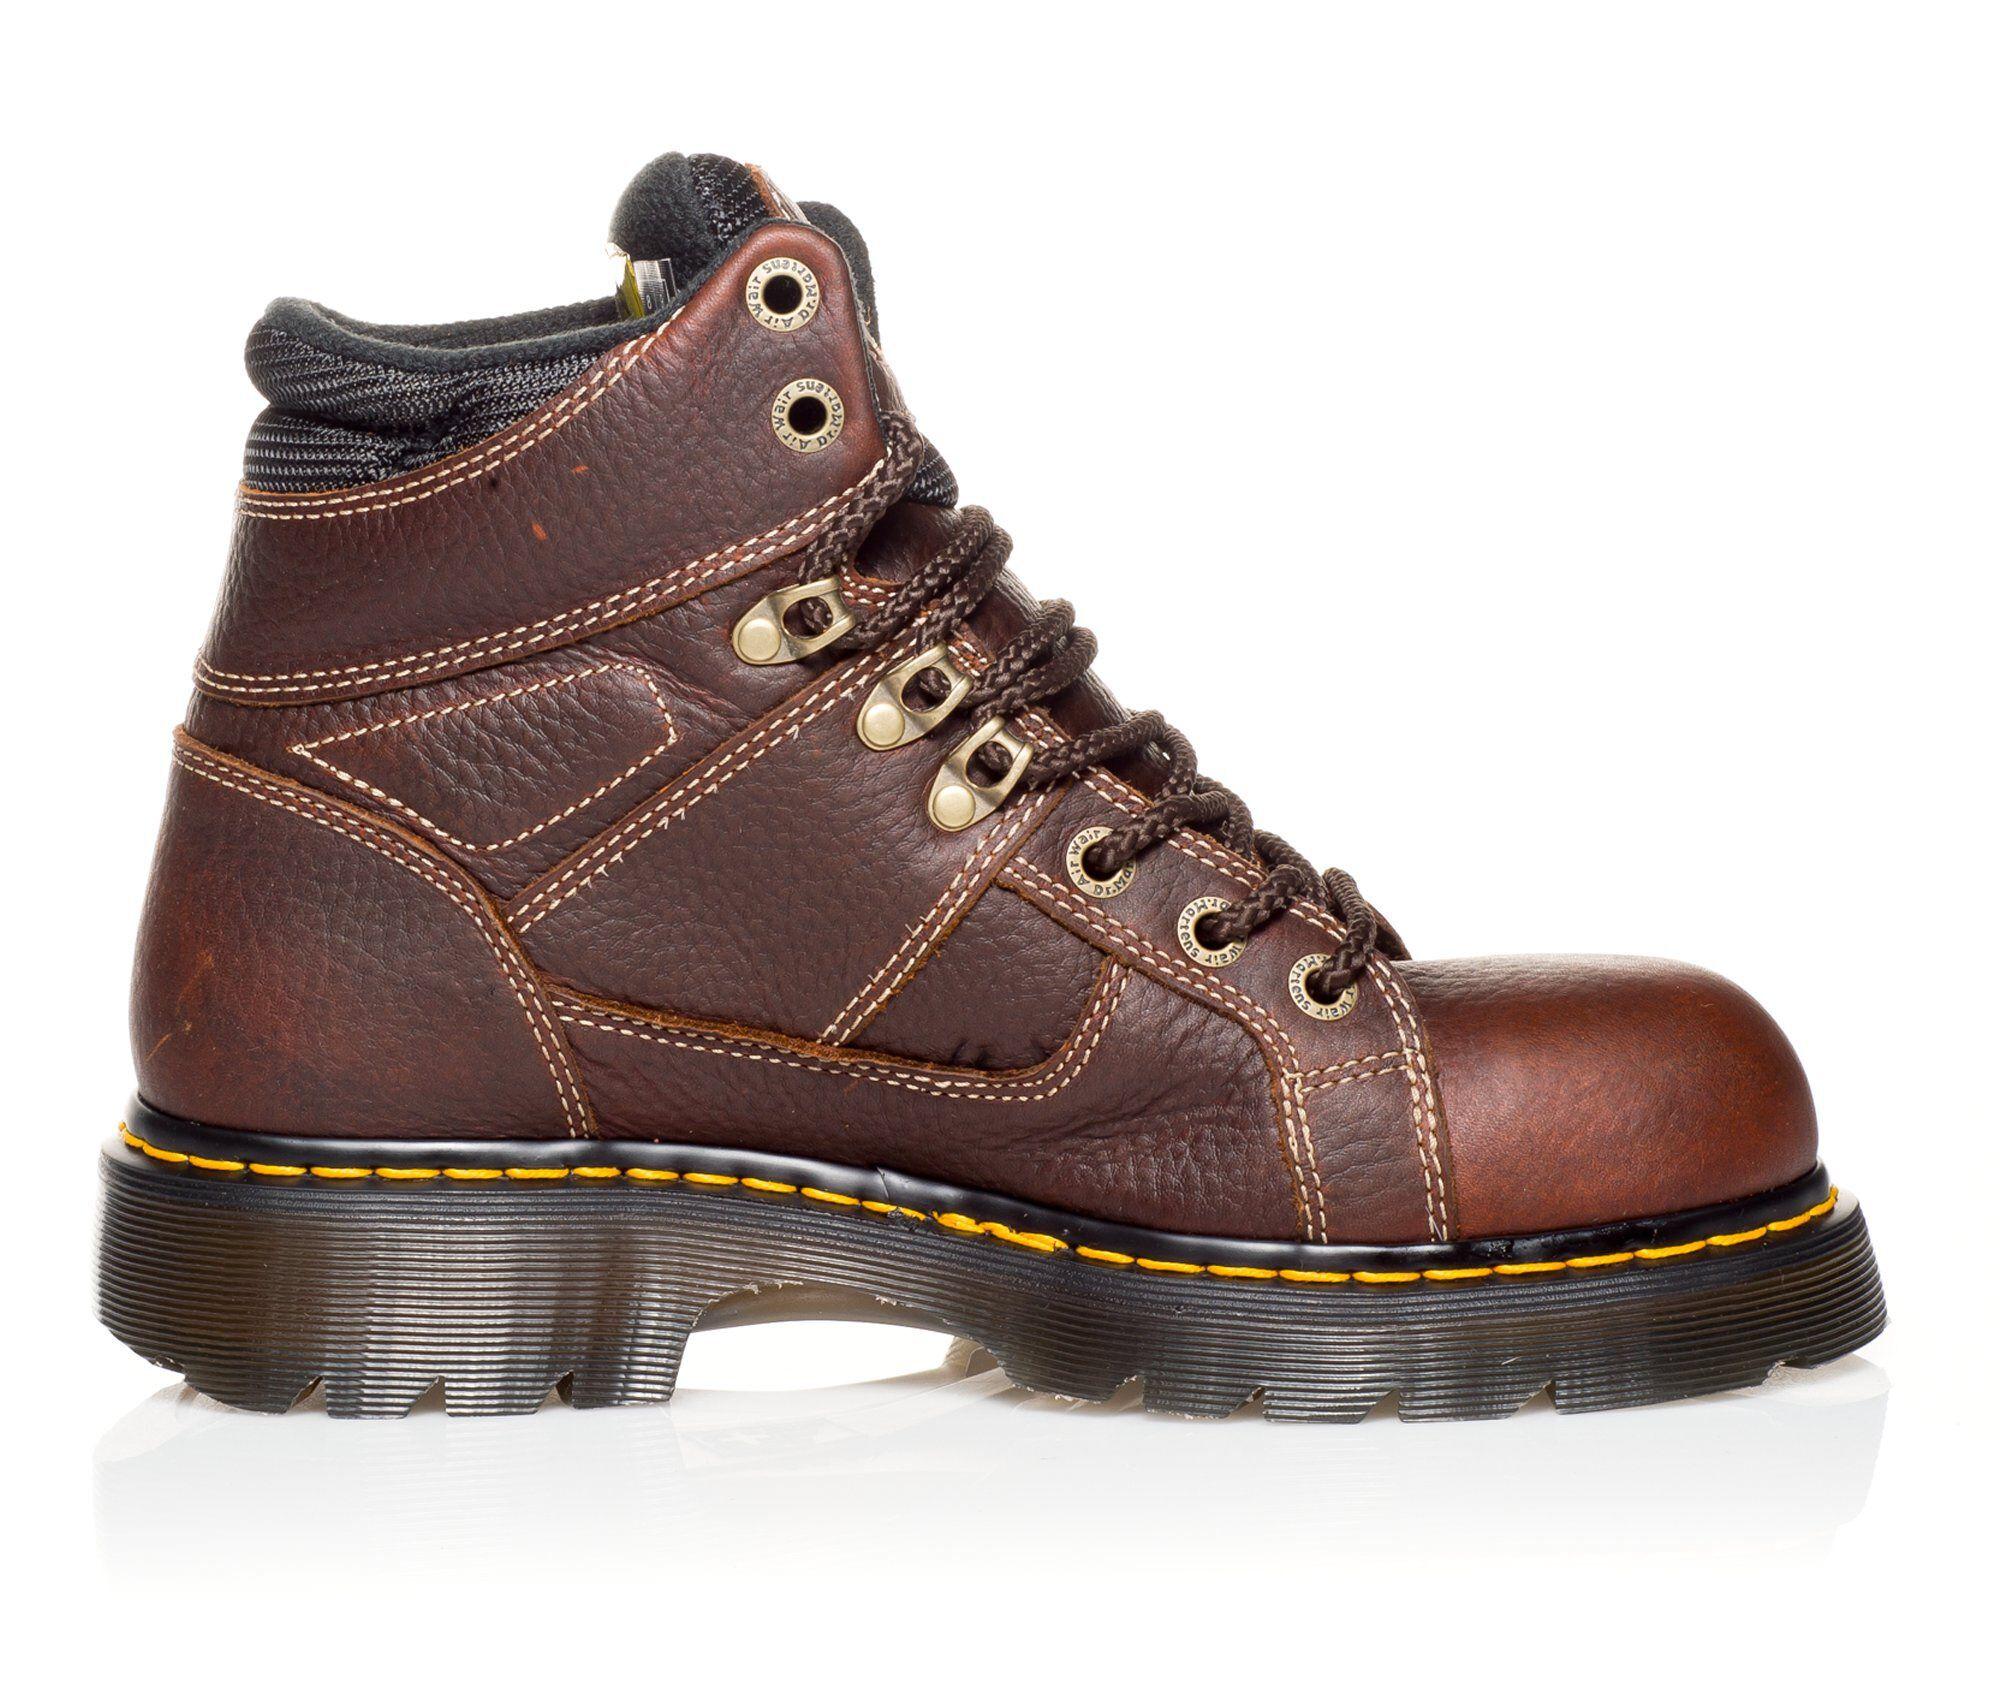 Steel Toe Work Boots | Shoe Carnival